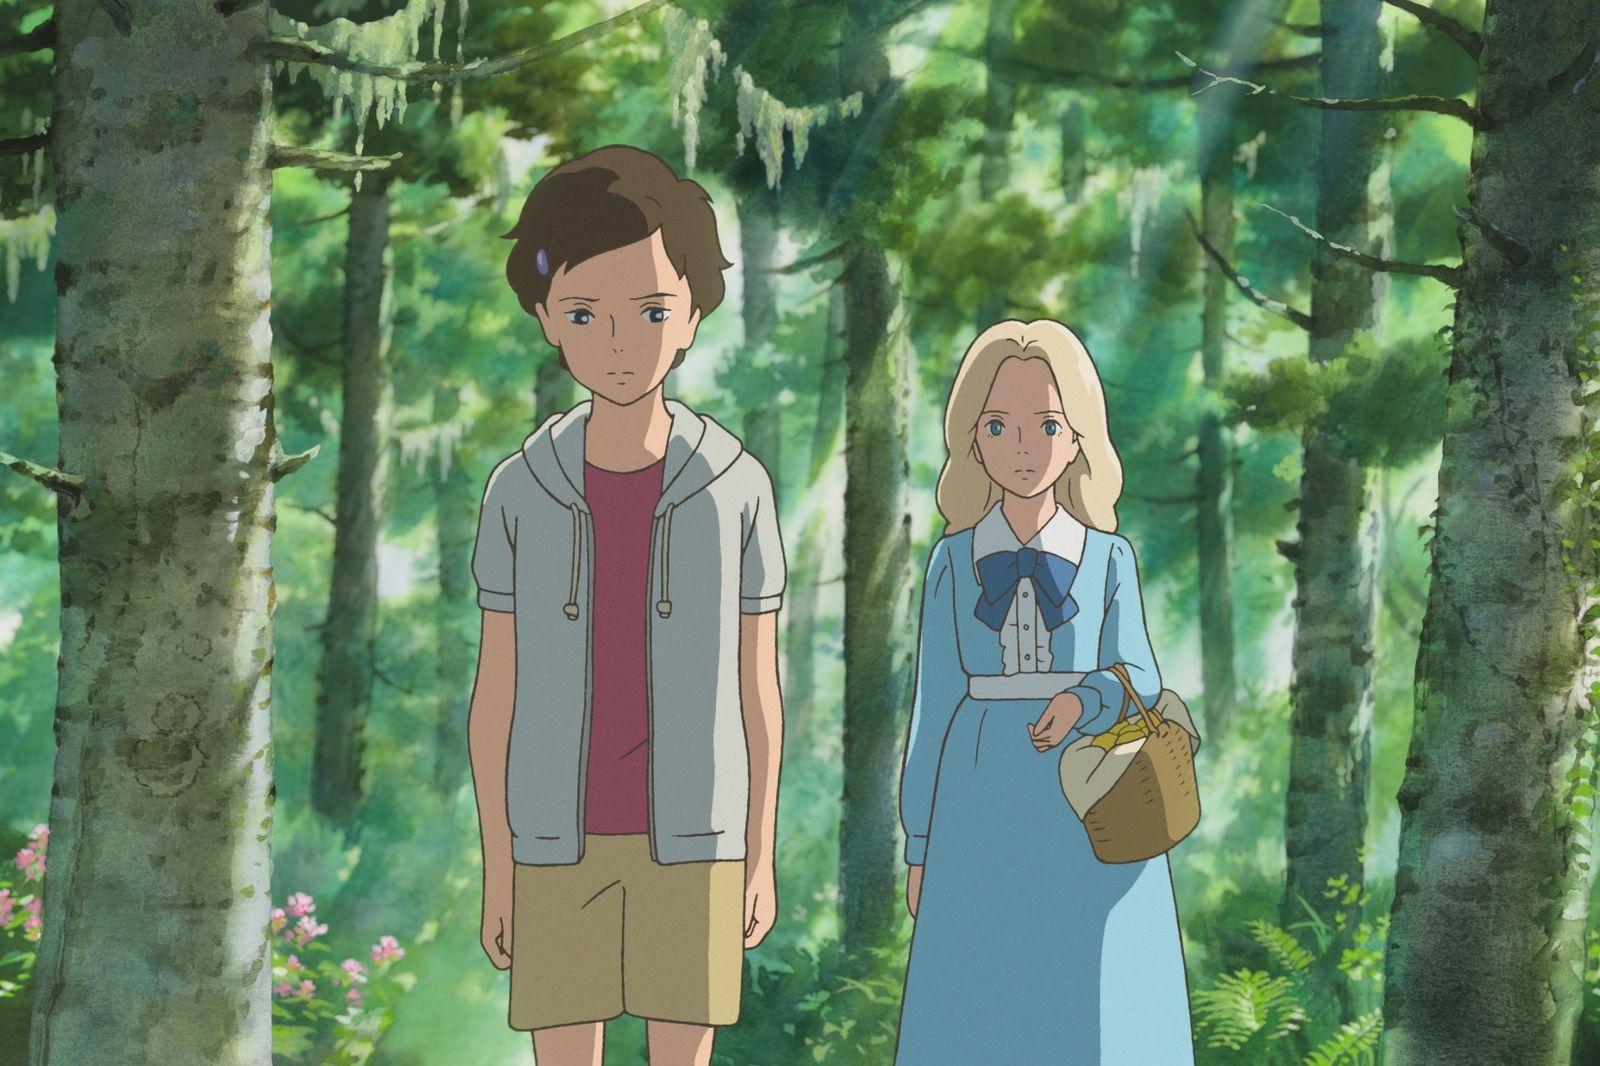 Indicado a Longa de Animação, o japonês Quando Estou com Marnie mantém a tradição do Japão no Oscar (photo by cinemagia.ro)